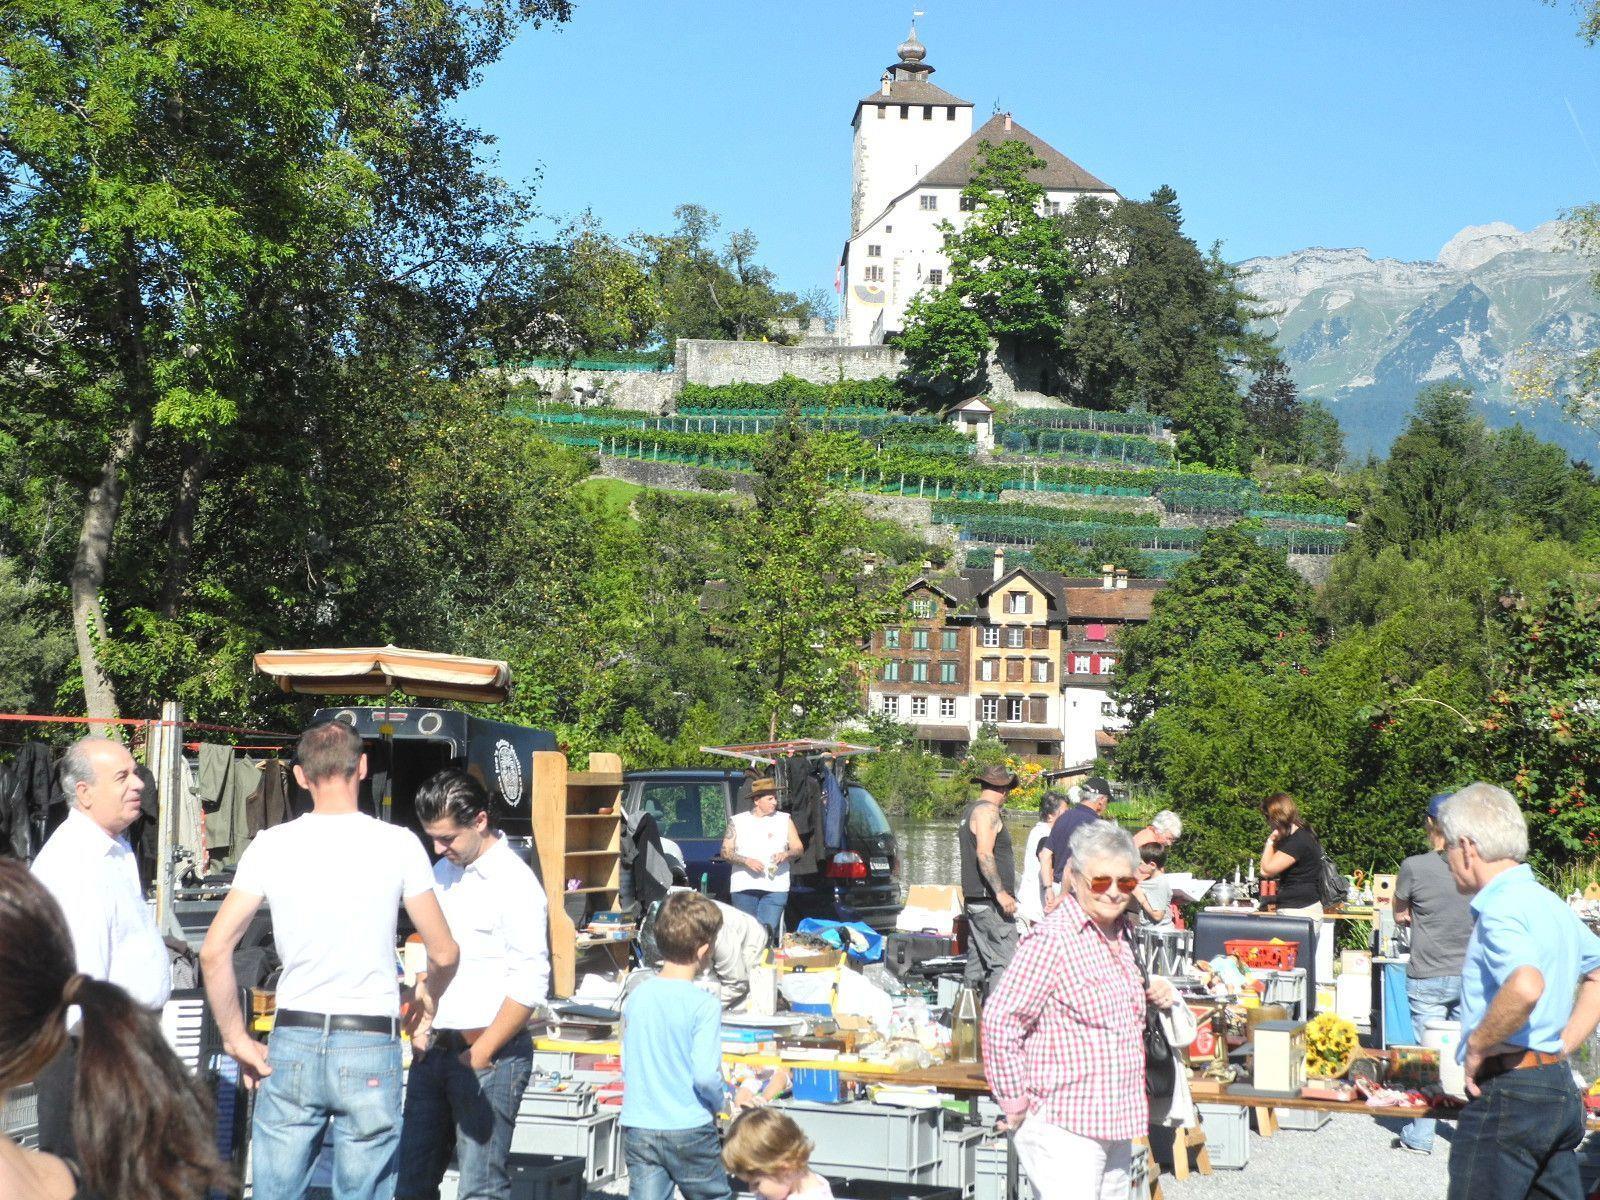 Die Flohmärkte Buchswerdenberg finden direkt am Werdenberger Seelein auf dem Marktplatz statt.